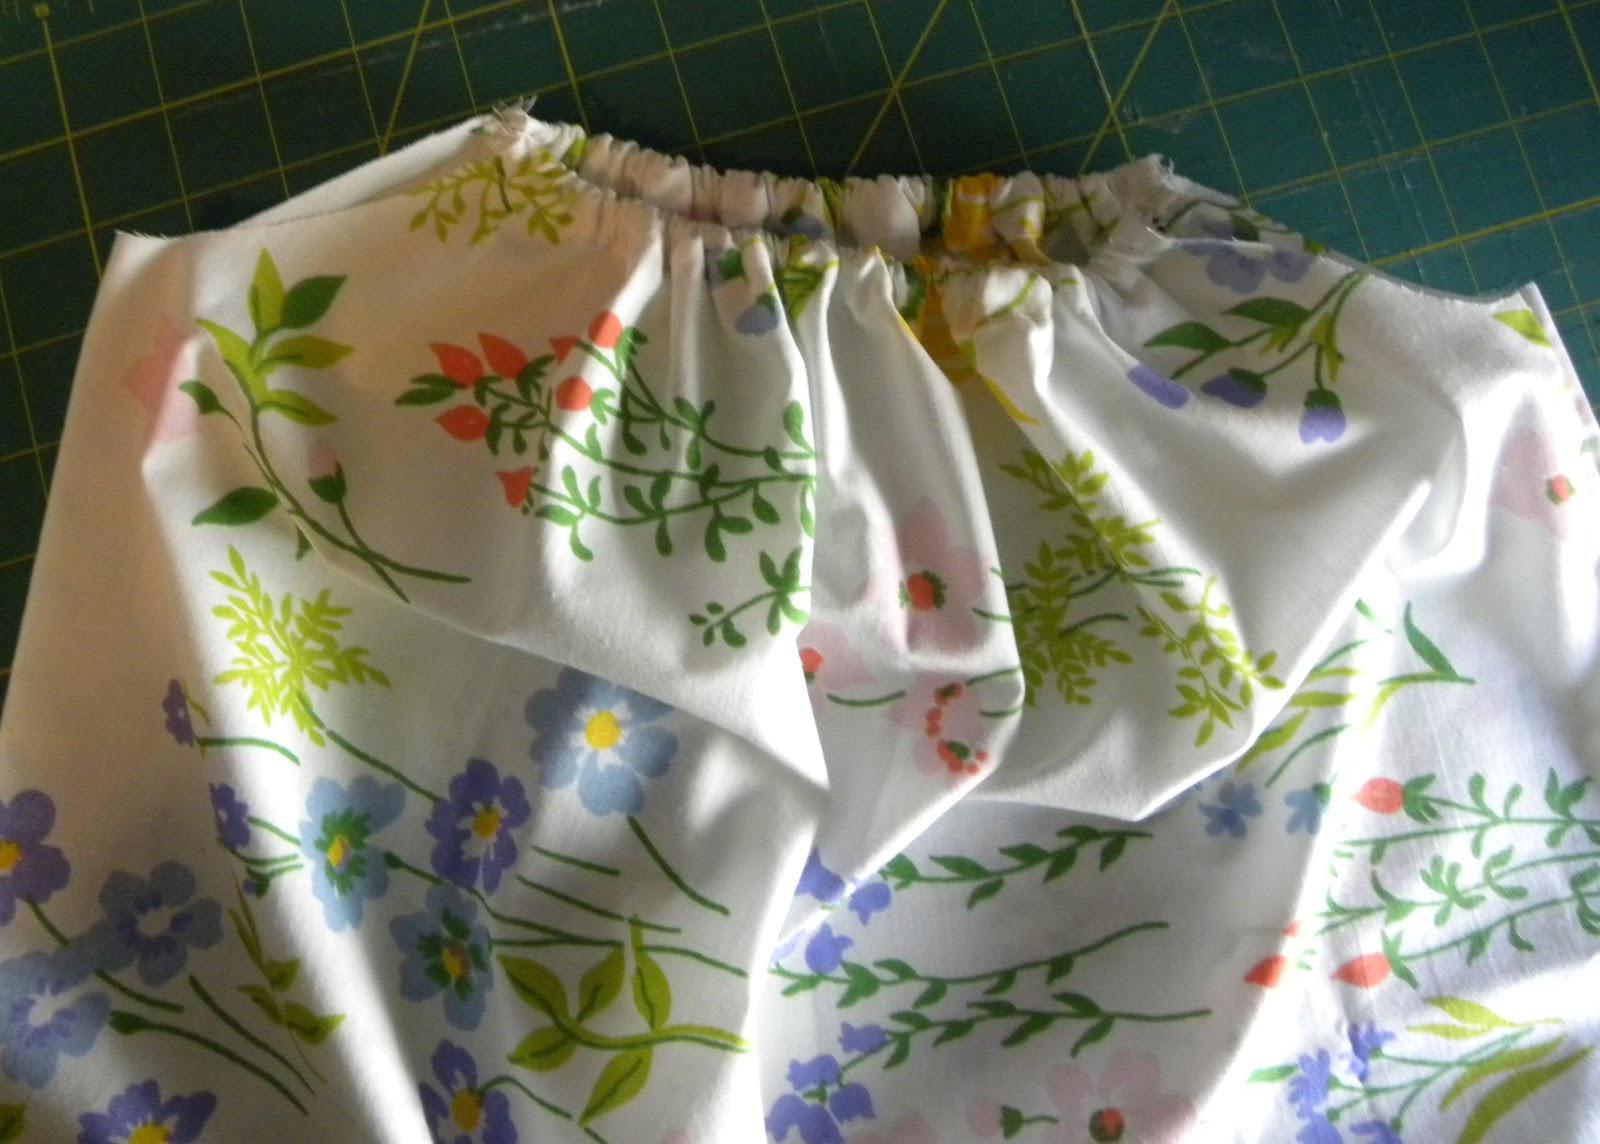 & 402 Center Street Designs: Pillowcase Dress Tutorial pillowsntoast.com